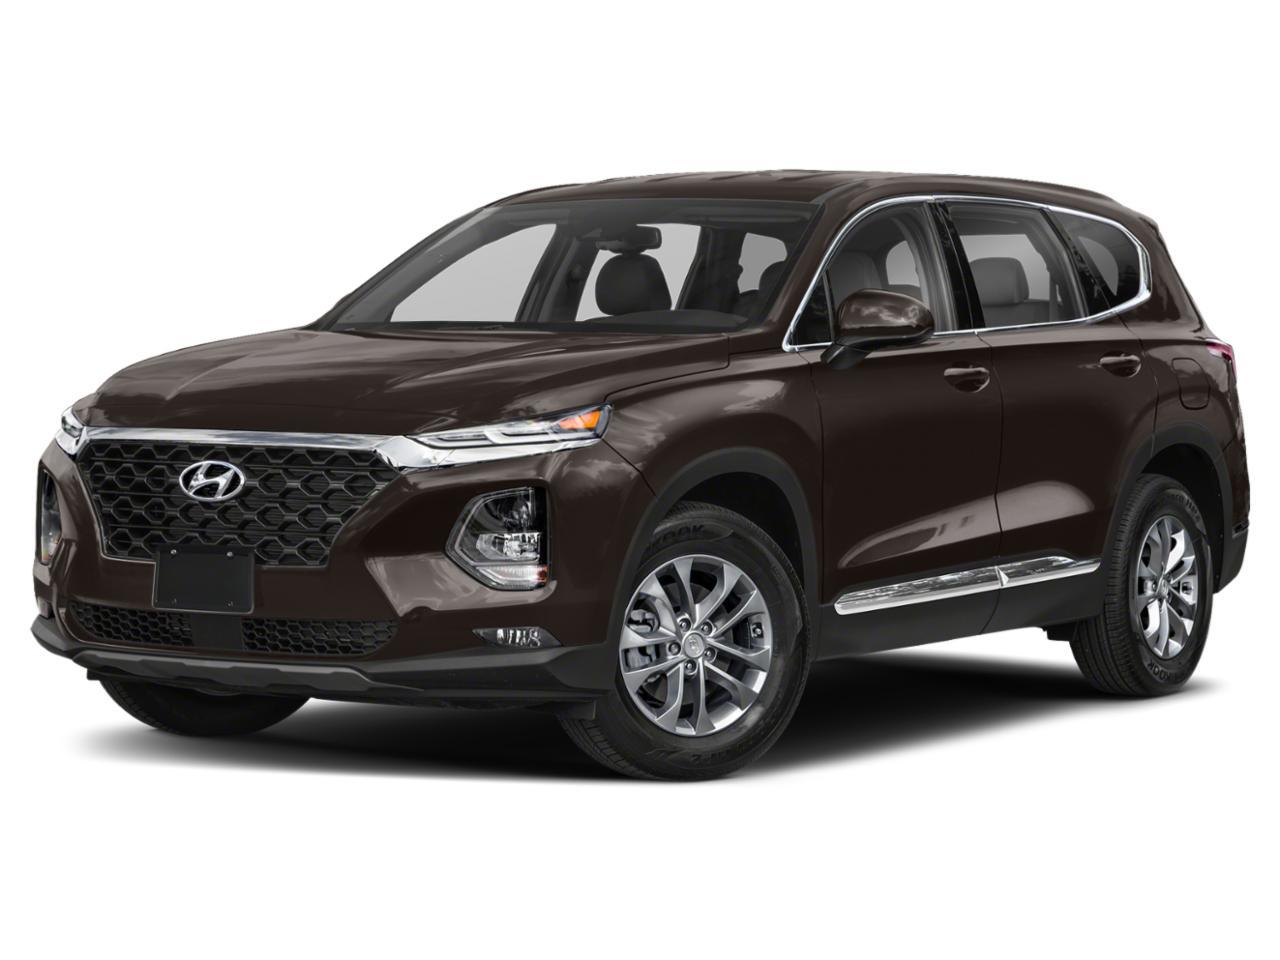 2019 Hyundai Santa Fe Vehicle Photo in Owensboro, KY 42303